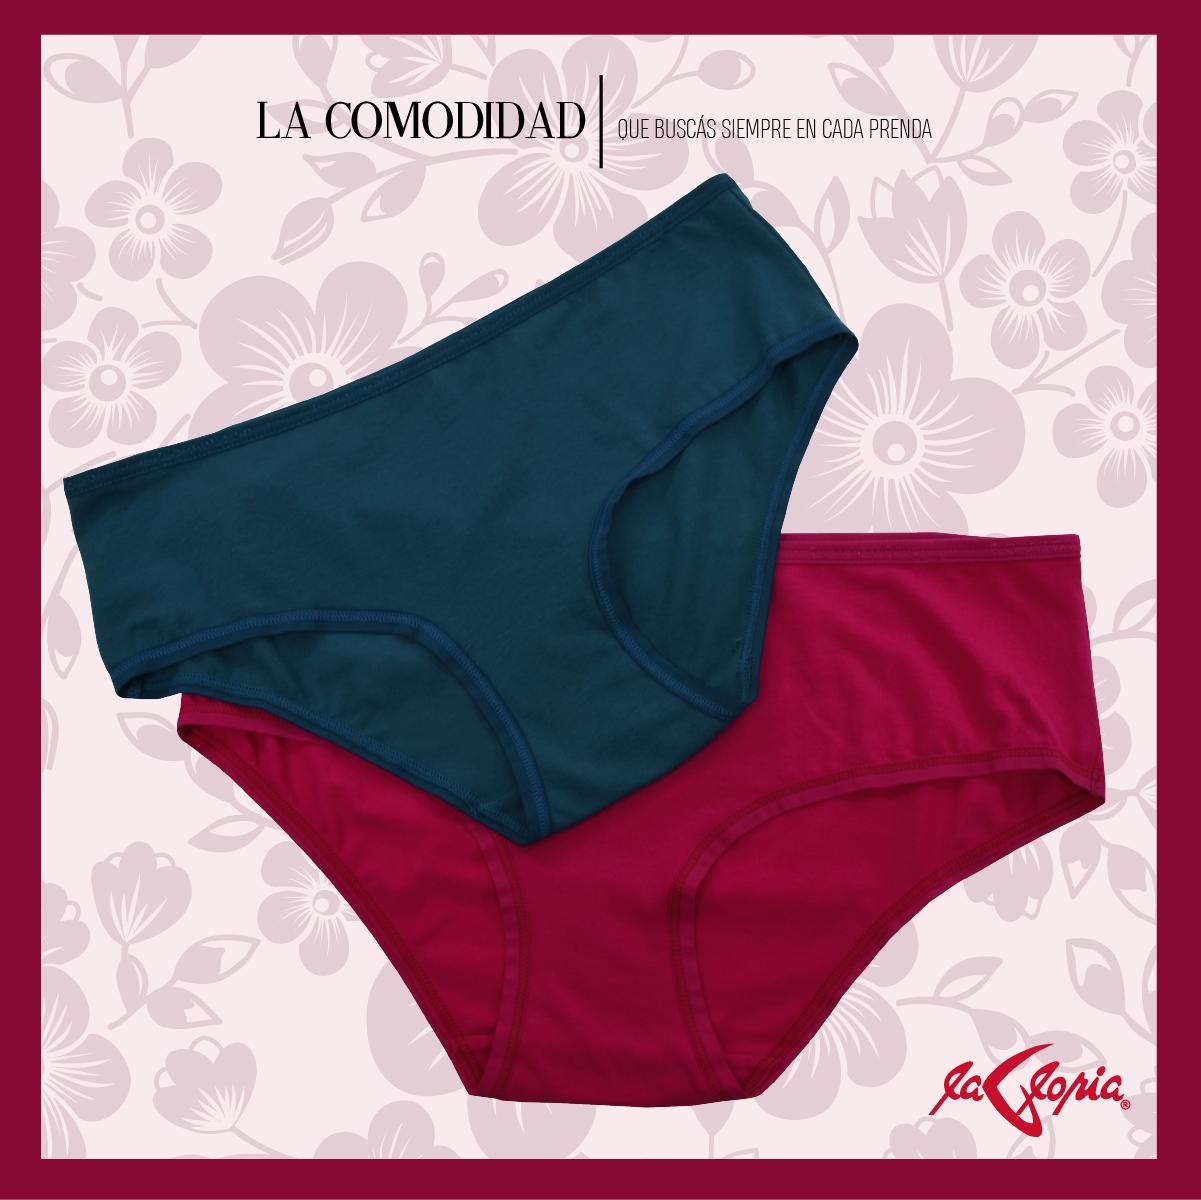 8b18100043f4 Panty de algodón, la suavidad de una prenda básica diaria , Lovable ...